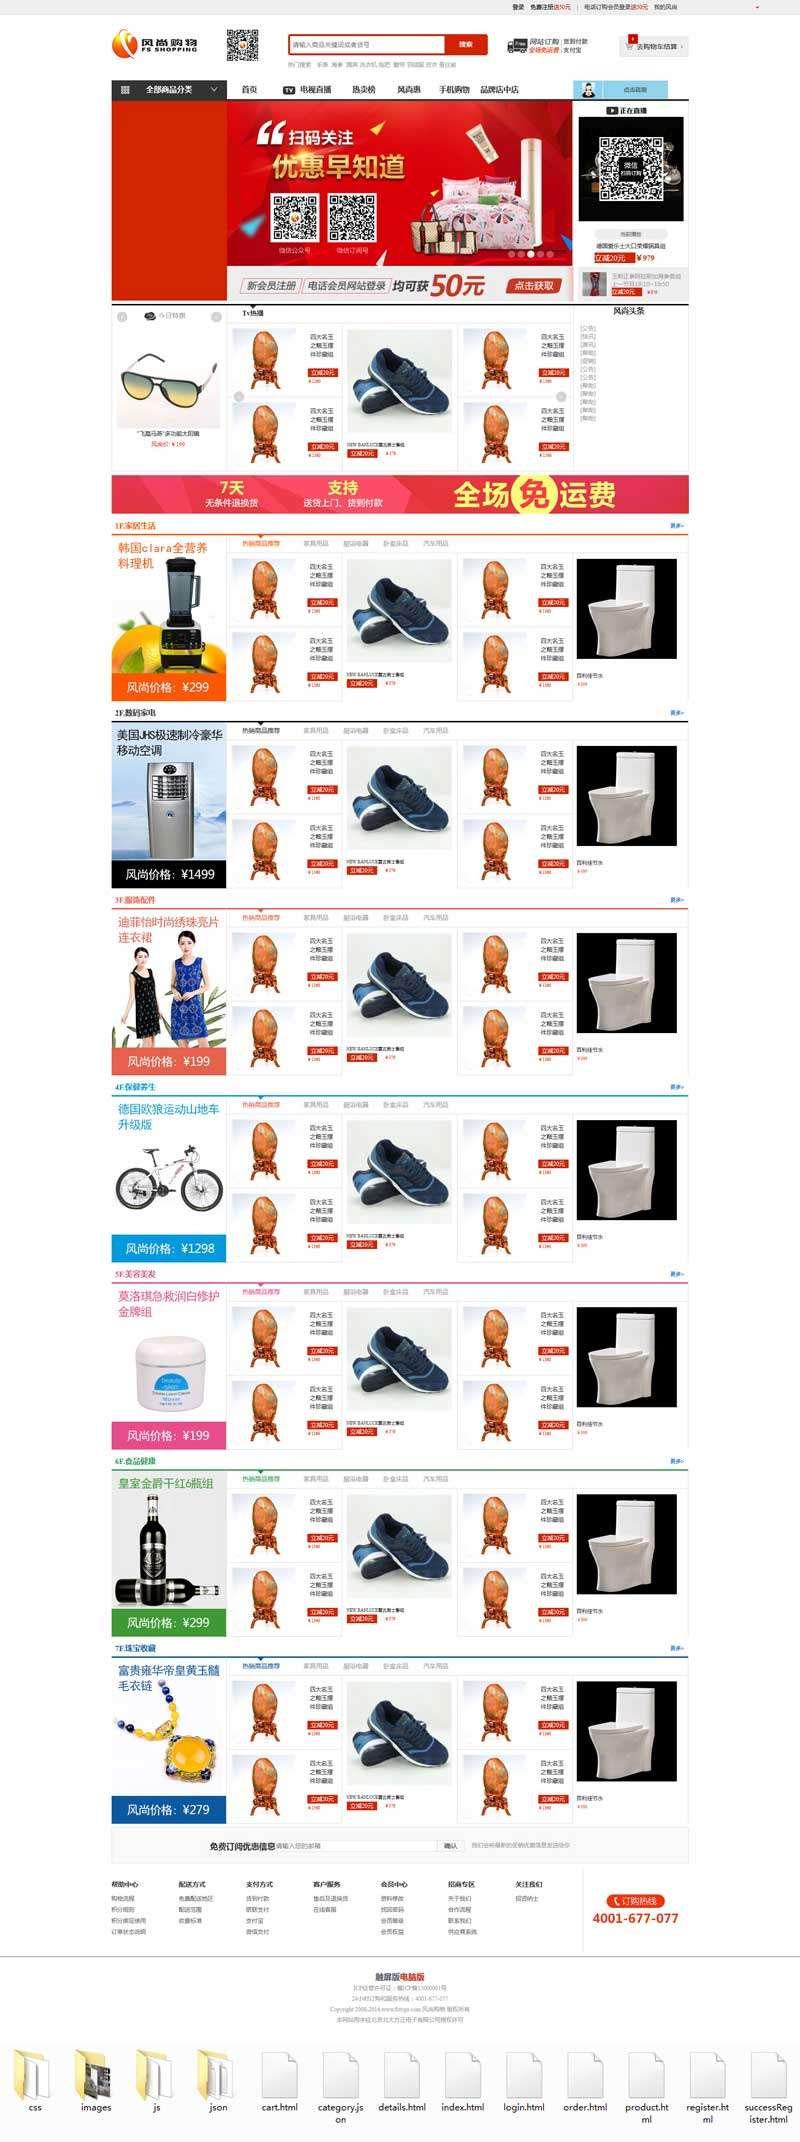 红色风格生活综合购物商城网站html模板